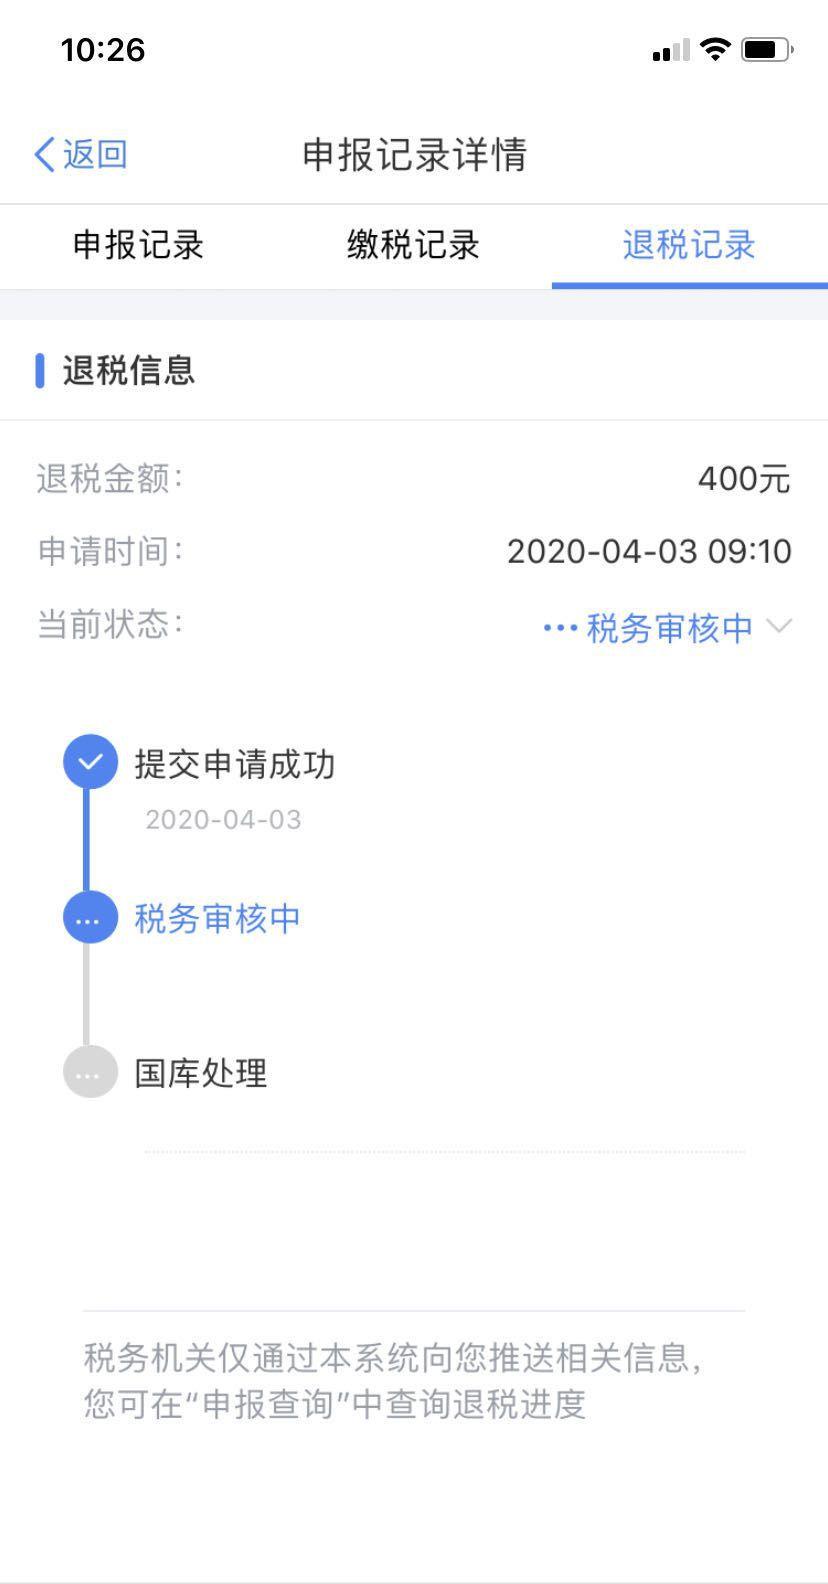 退稅?補稅?個稅年度彙算了解一下 - 香港文匯網